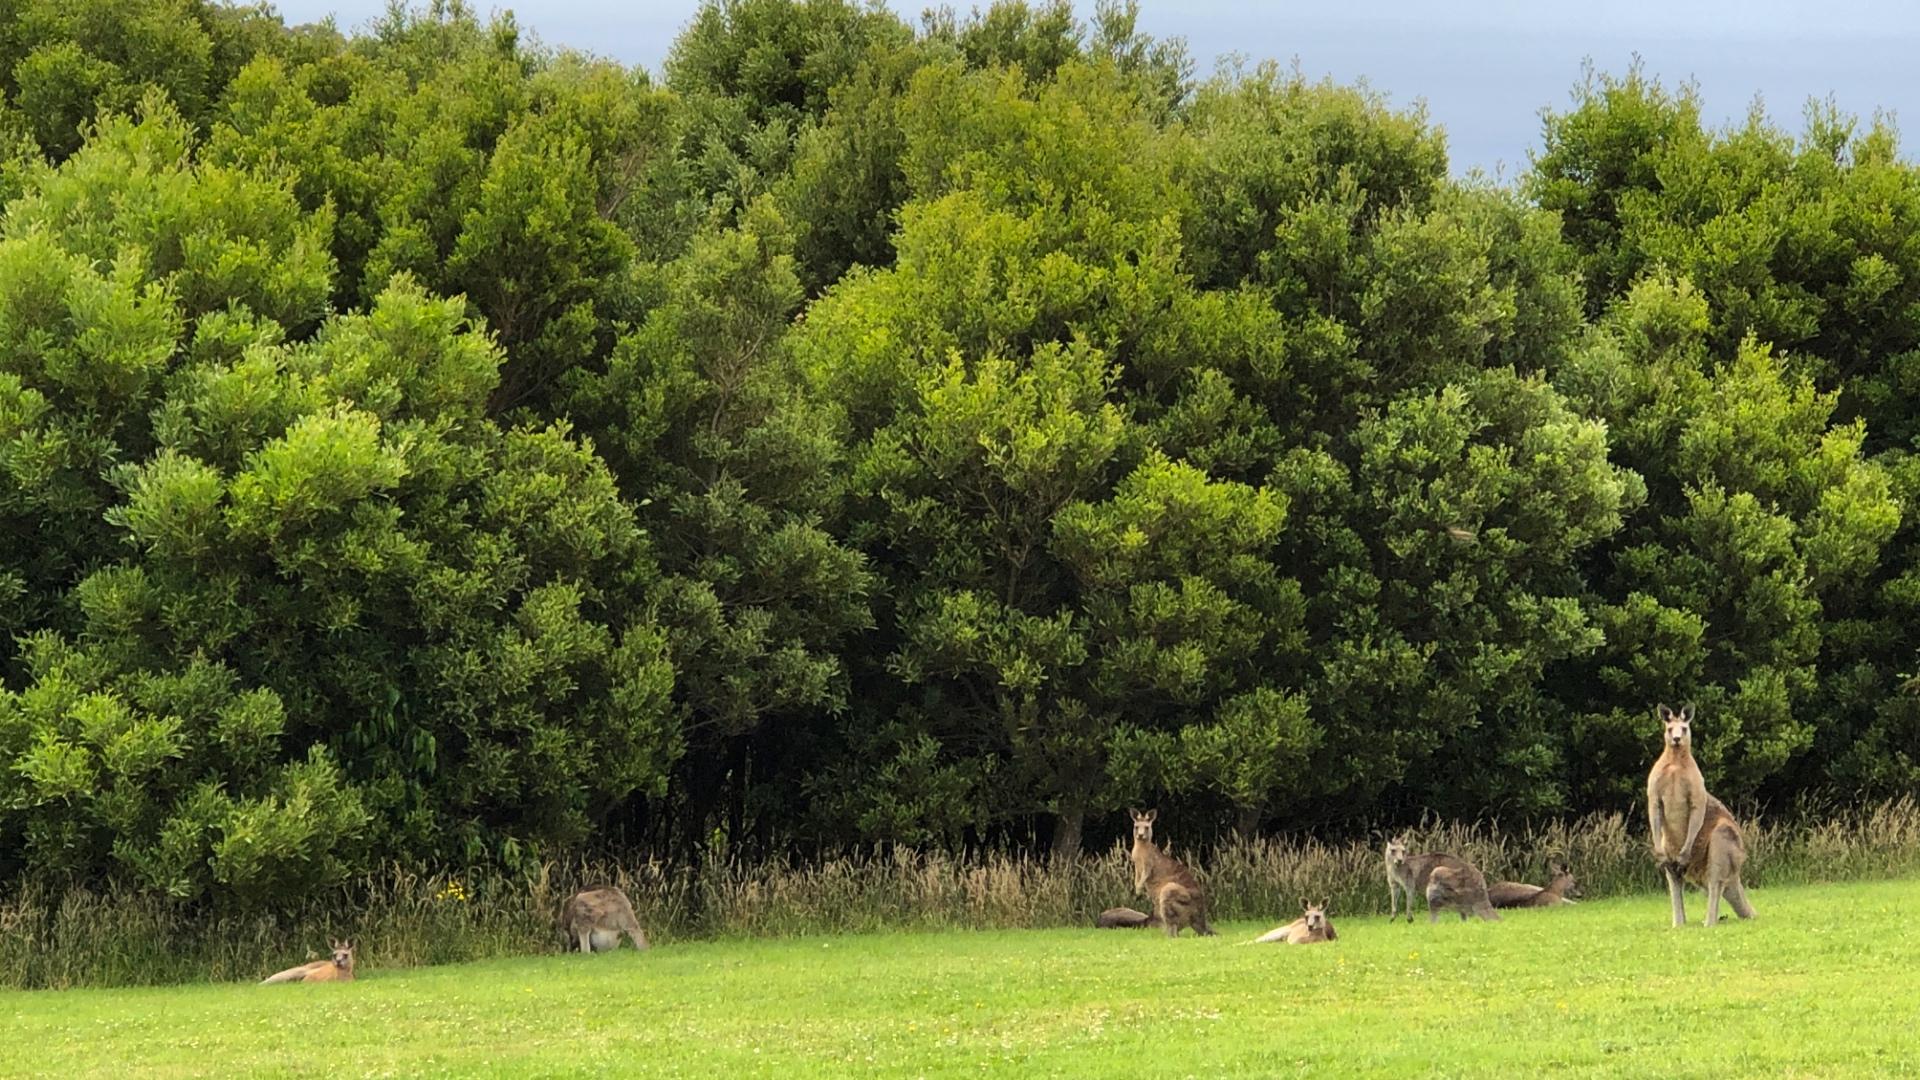 Studio Garden View of Kangaroos